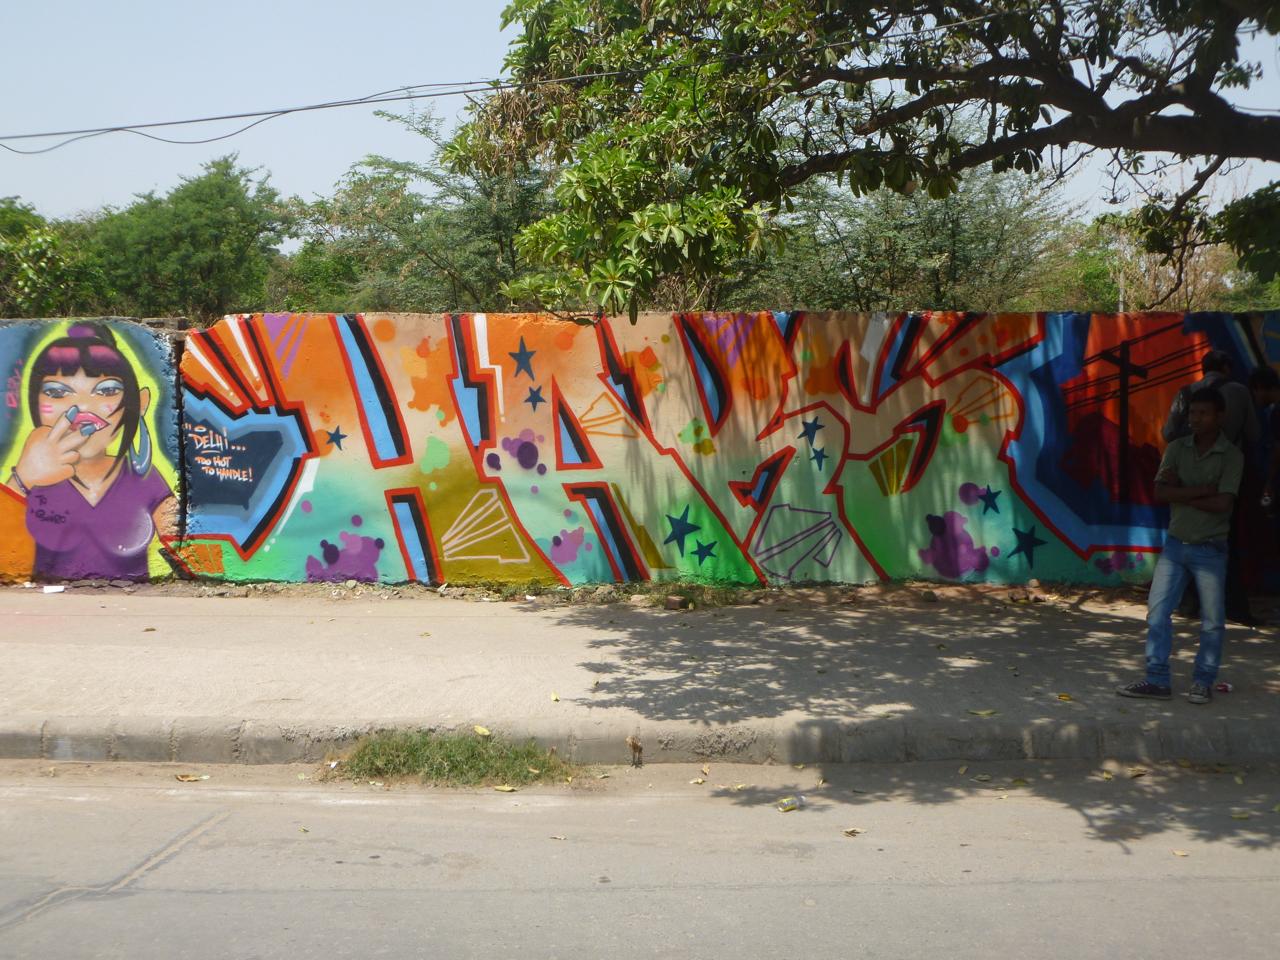 walls_024.jpg